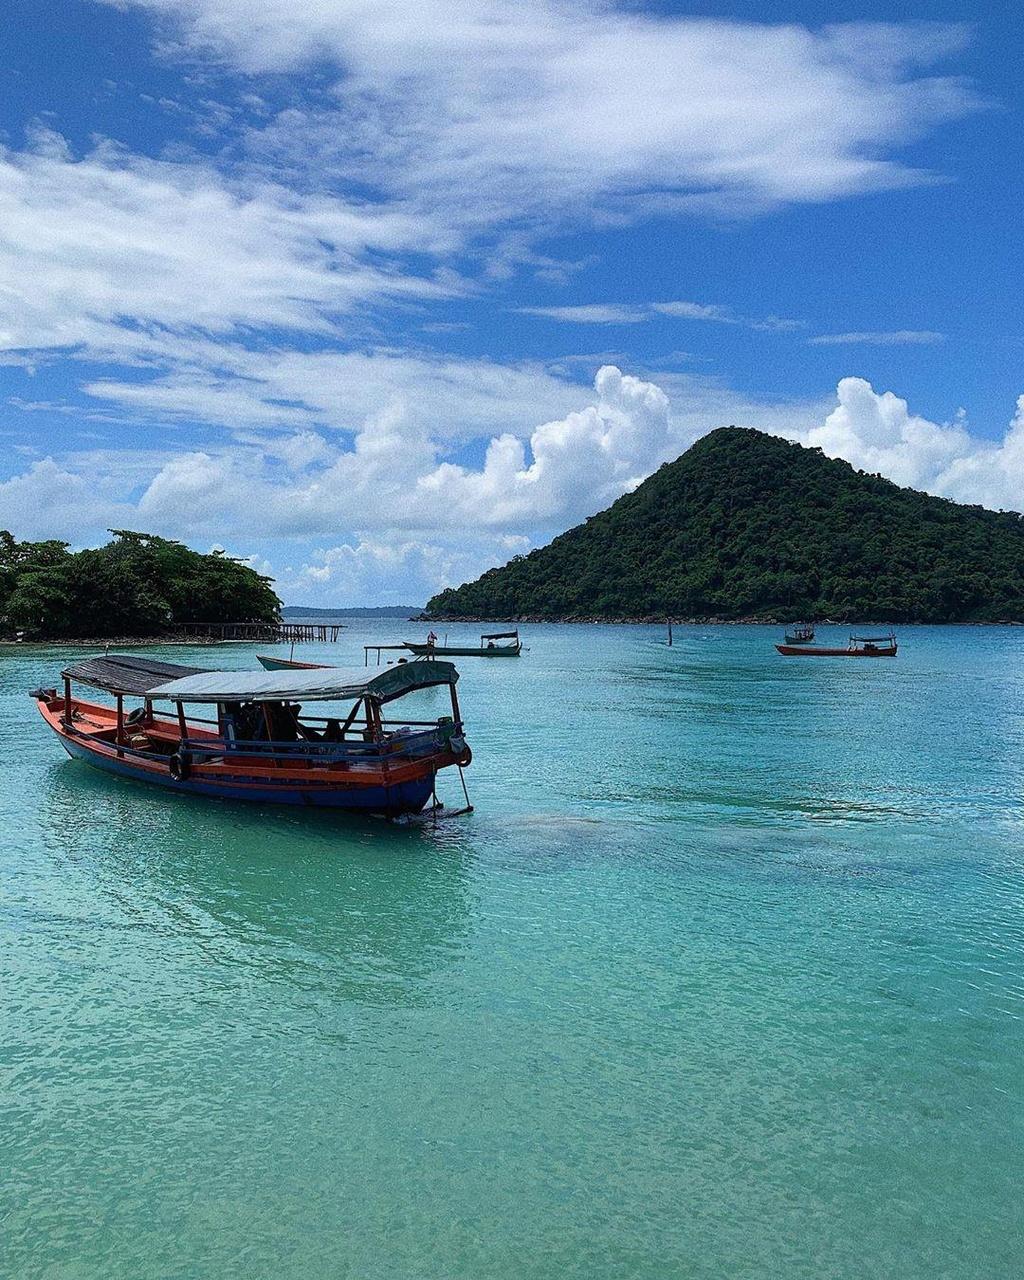 Toi Campuchia, lac loi giua thien duong bien dep ngo Maldives hinh anh 1